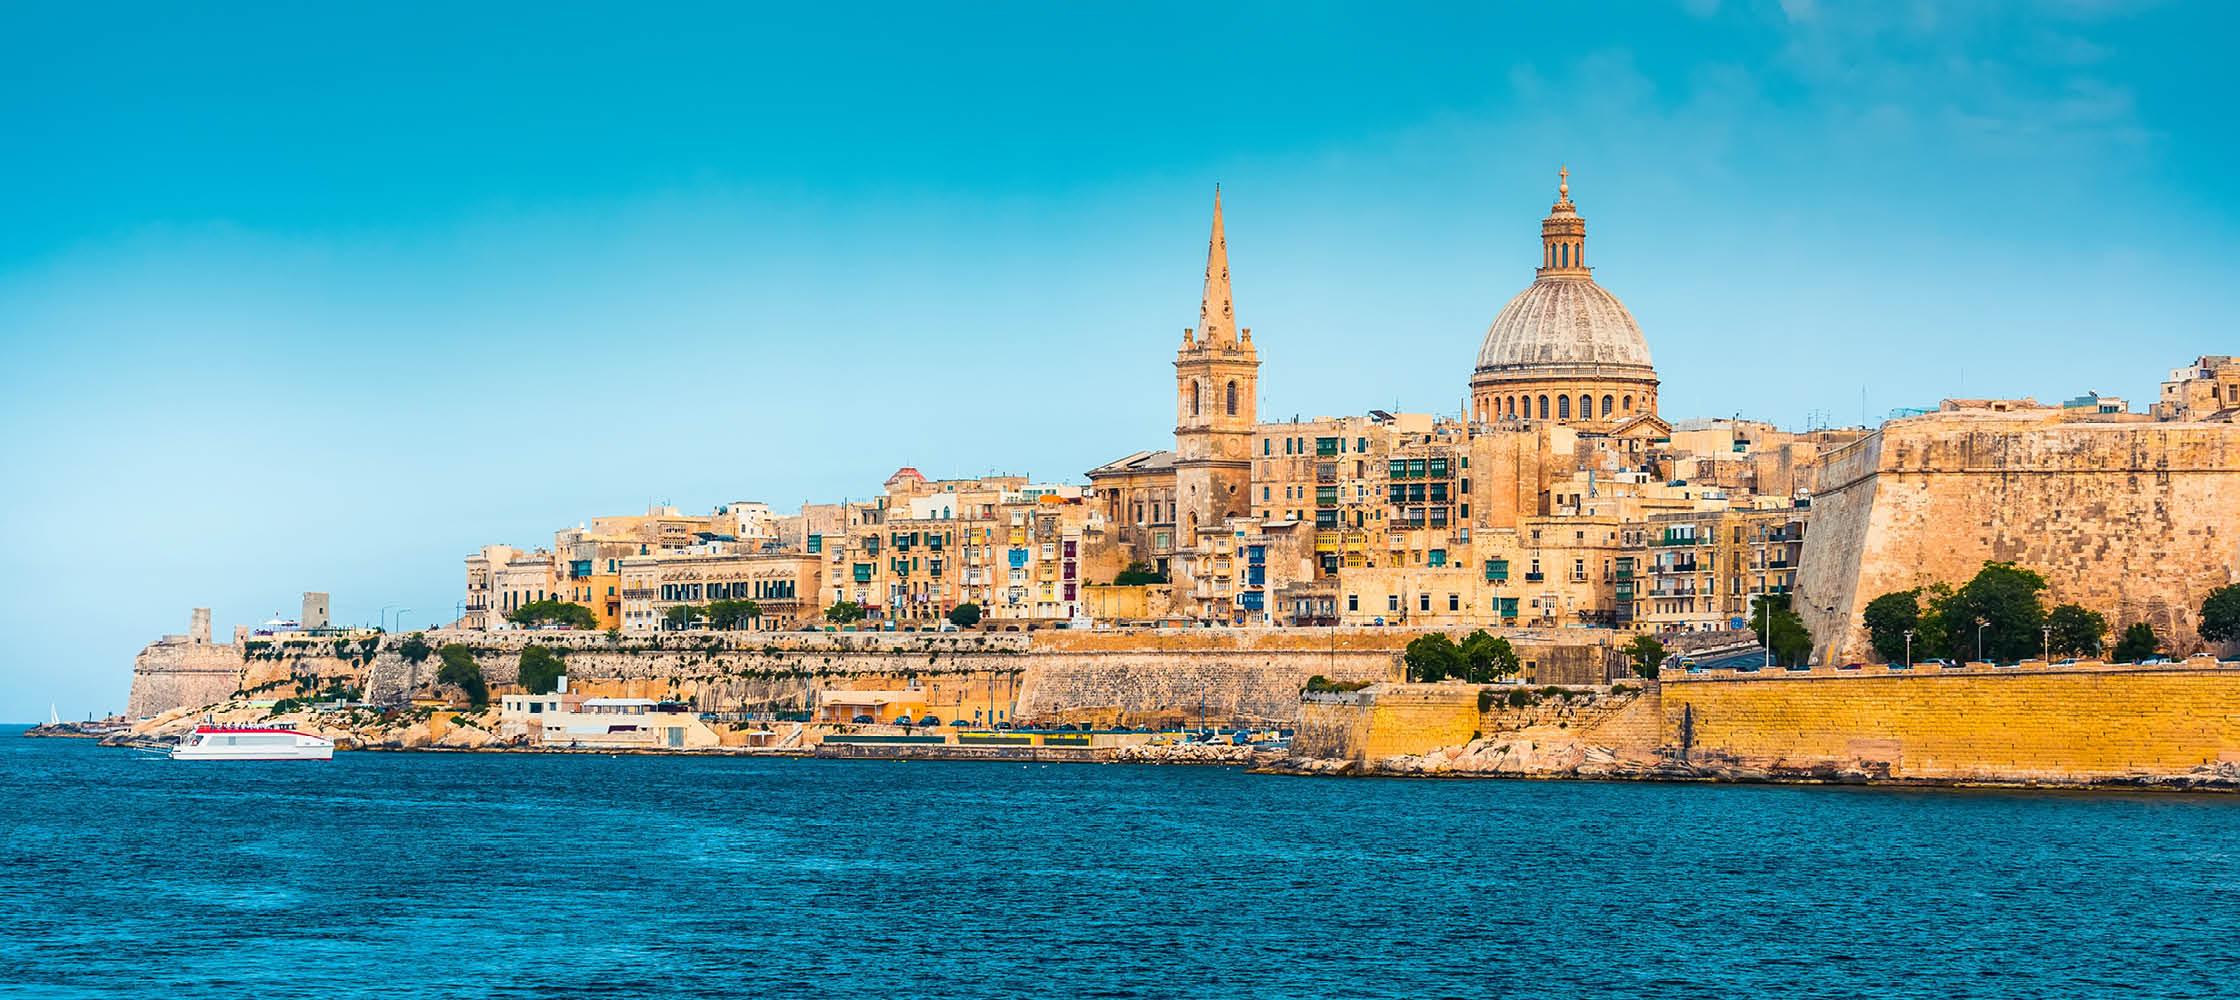 Maltas huvudstad Valletta sett fr�n havet.